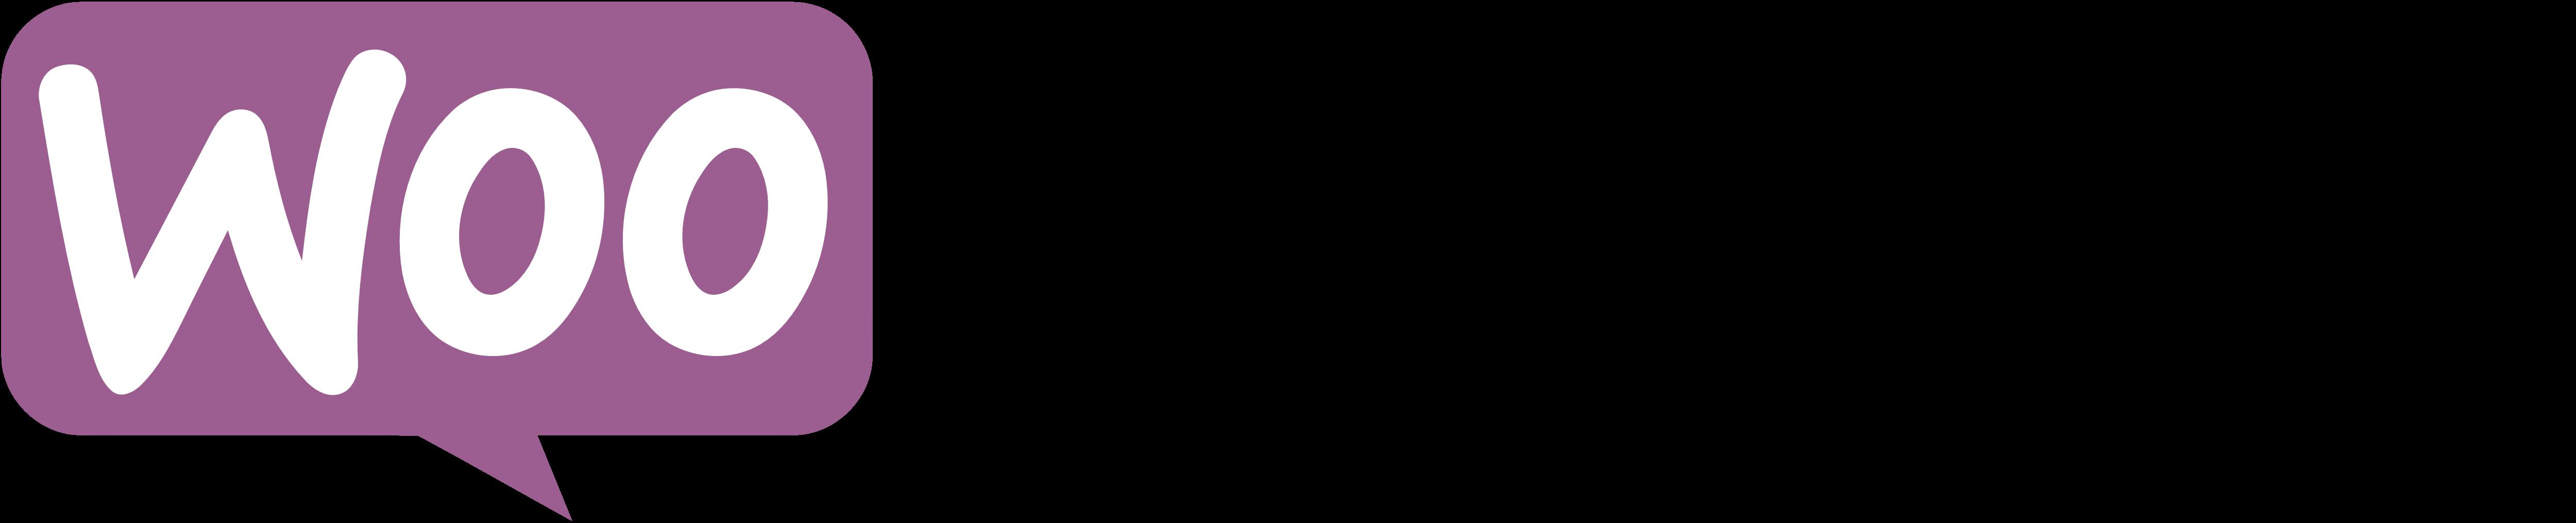 Woocommerce logo woo commerce